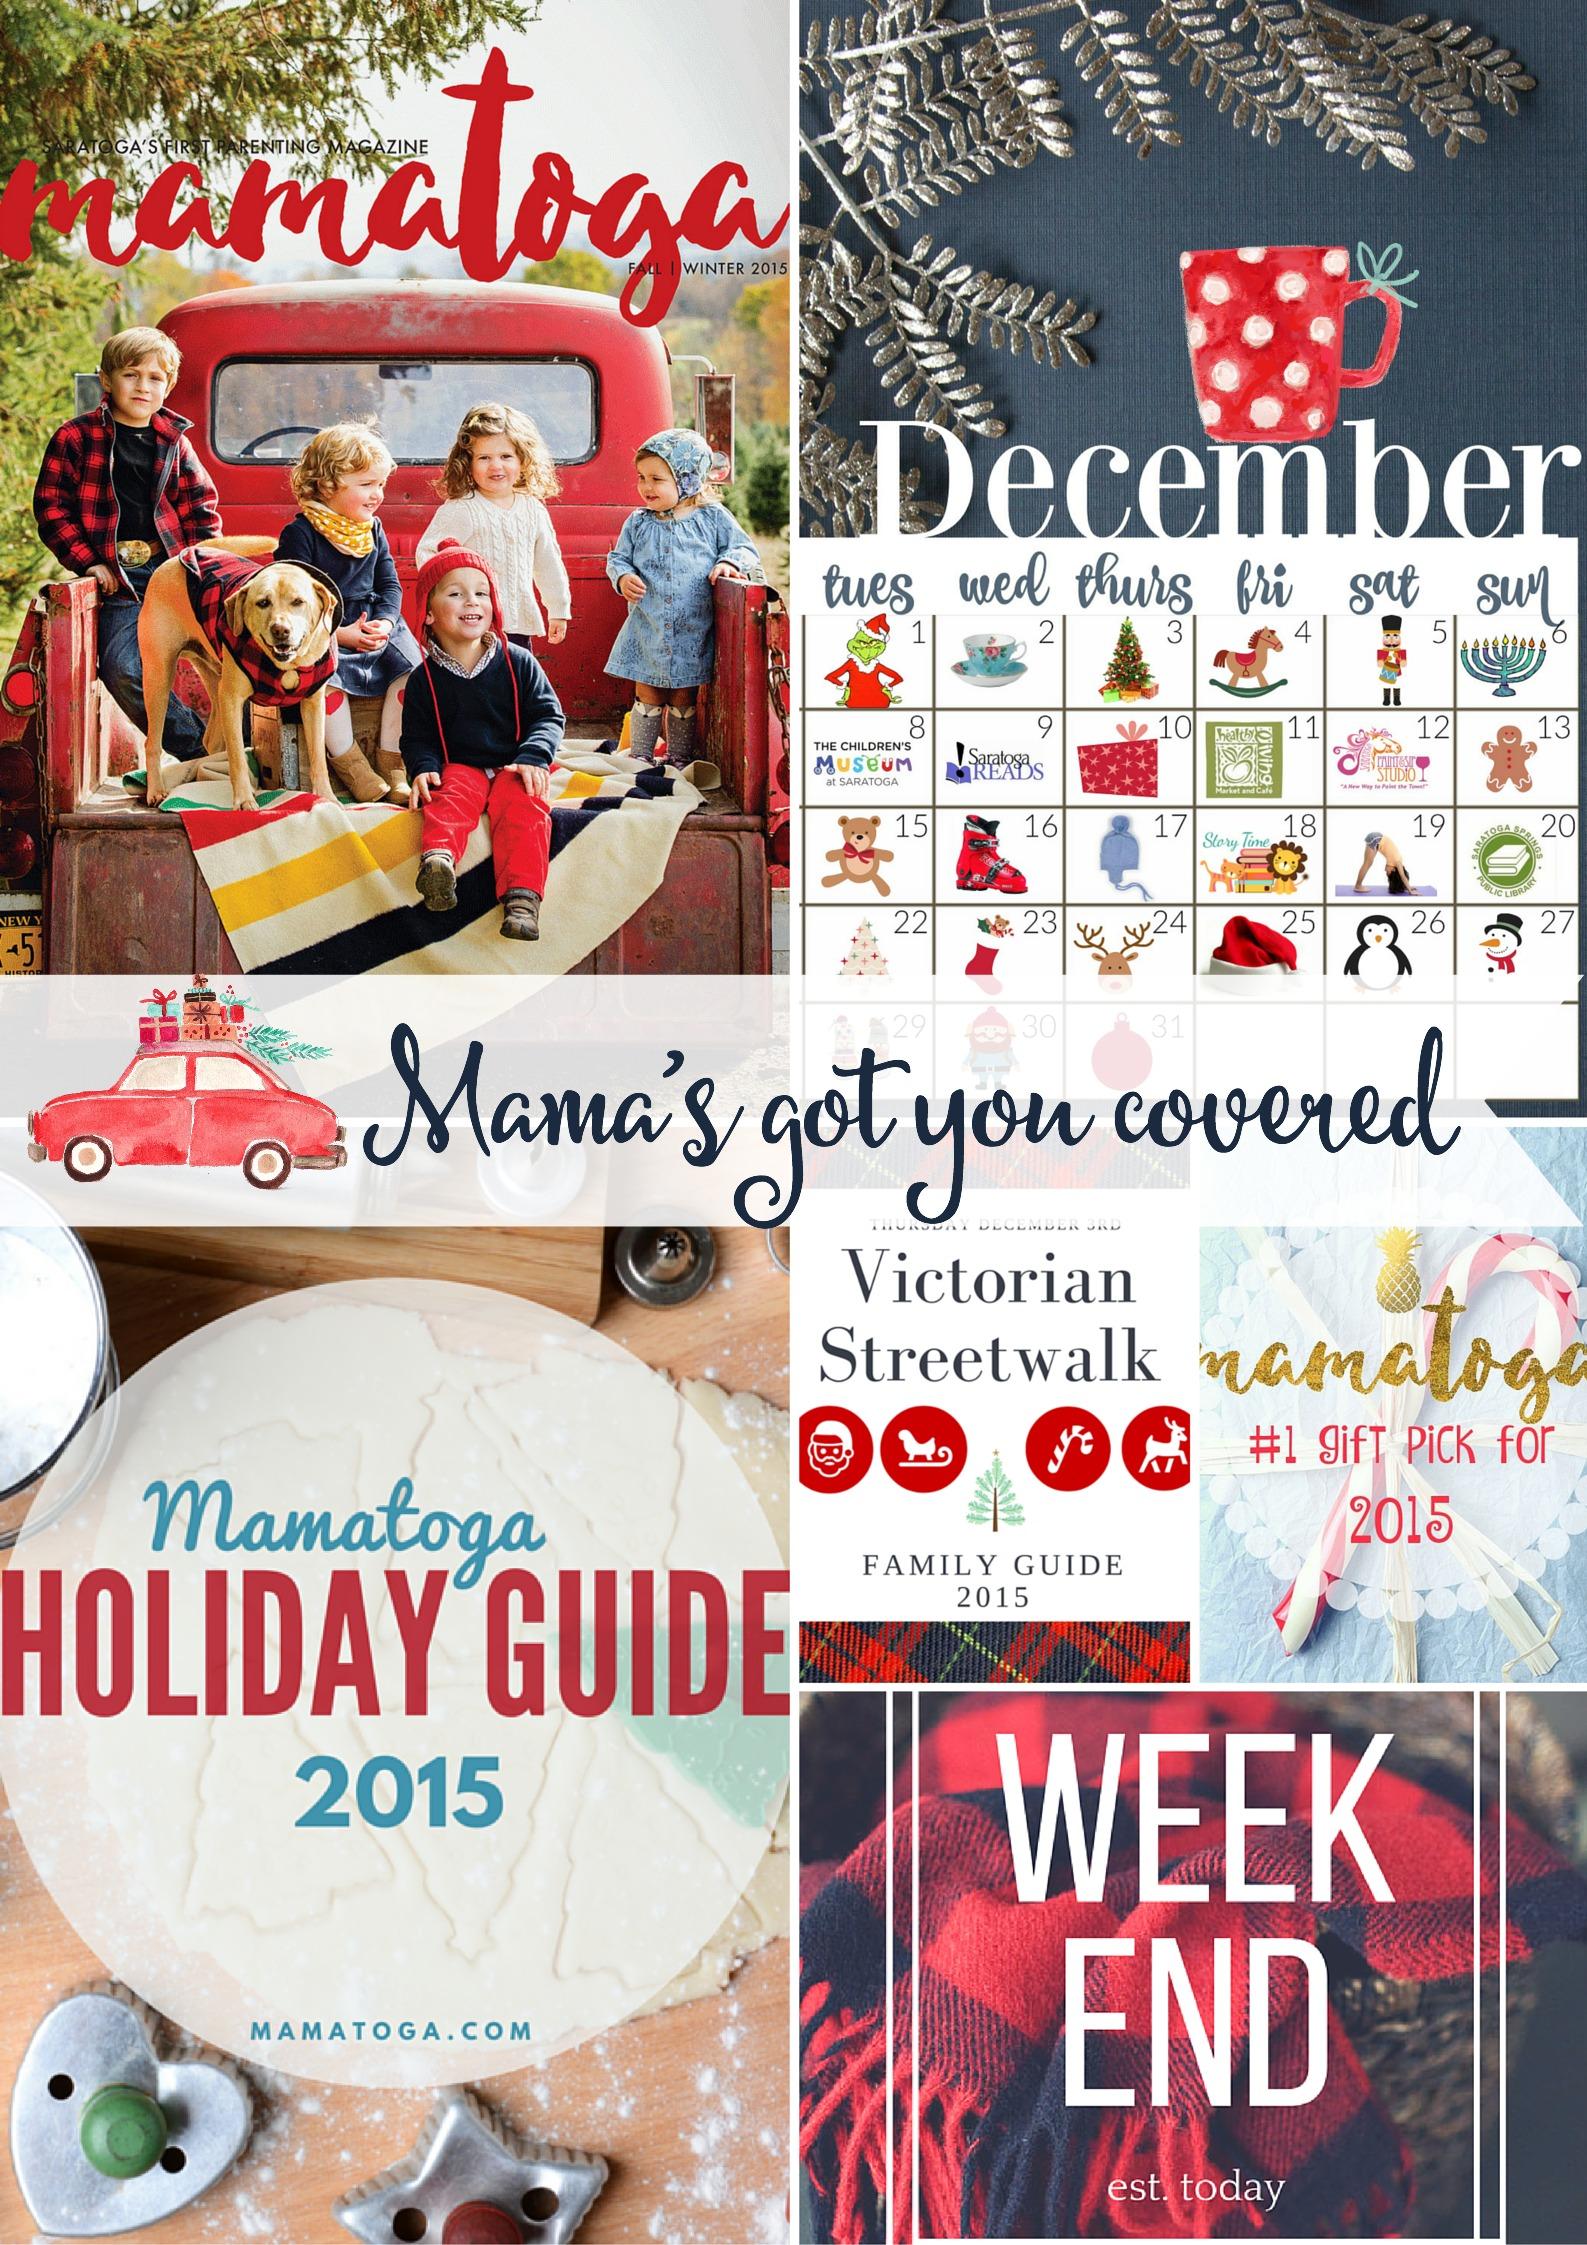 holidaybundlepic